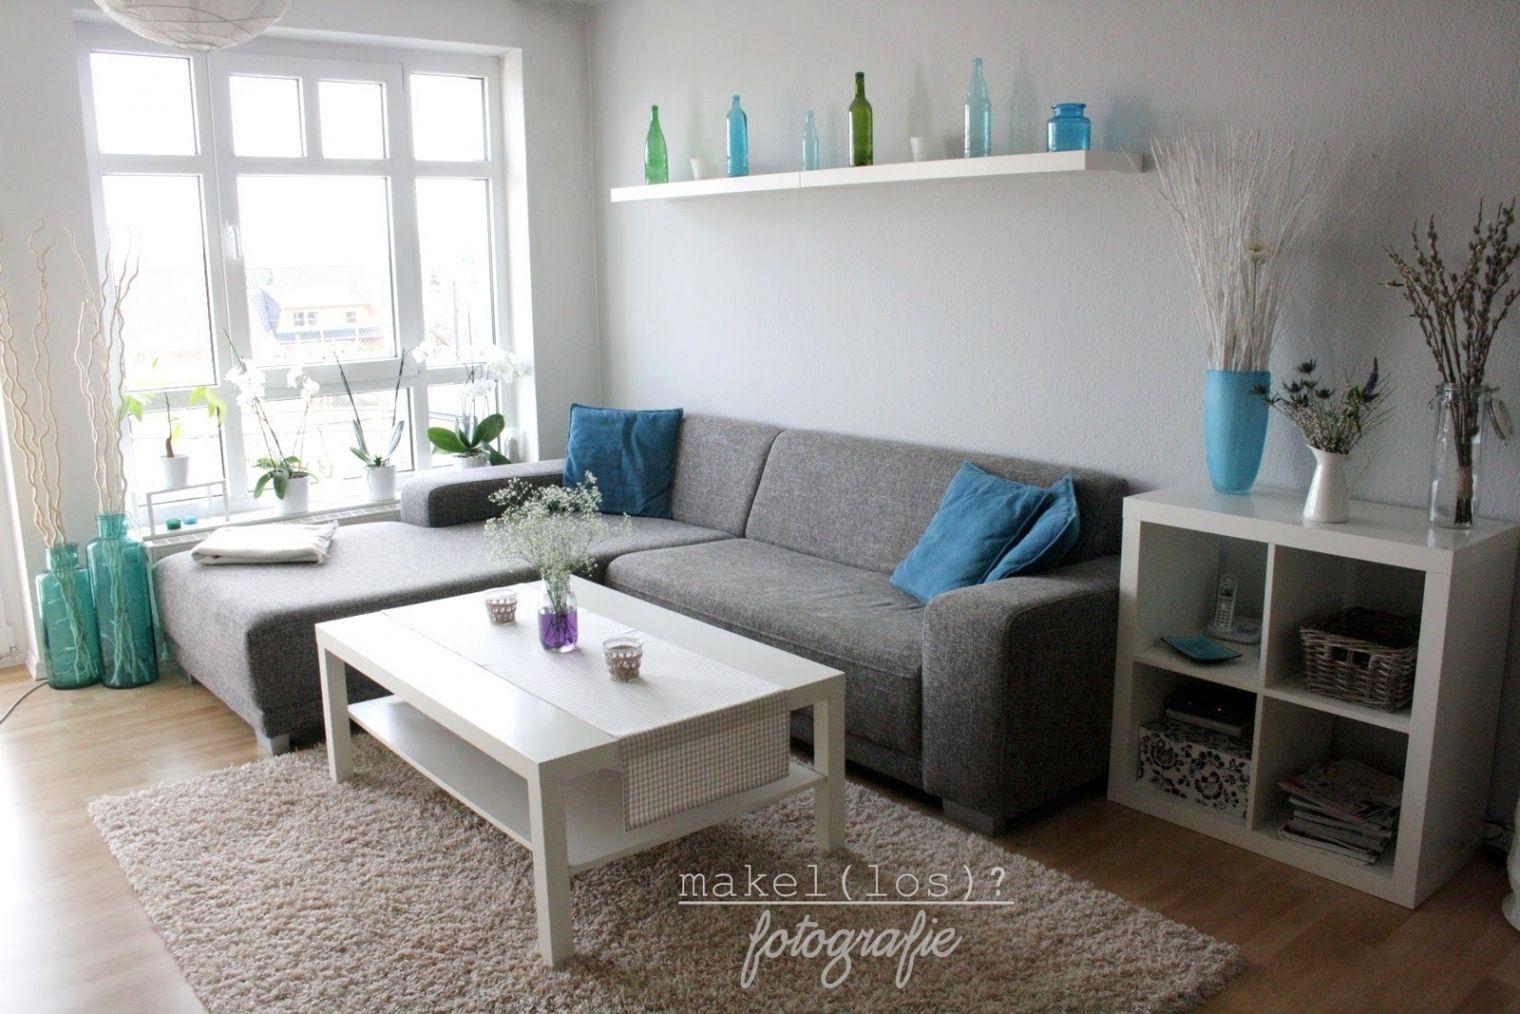 Frisch Coole Wohnzimmer Deko | Wohnzimmer deko | Pinterest